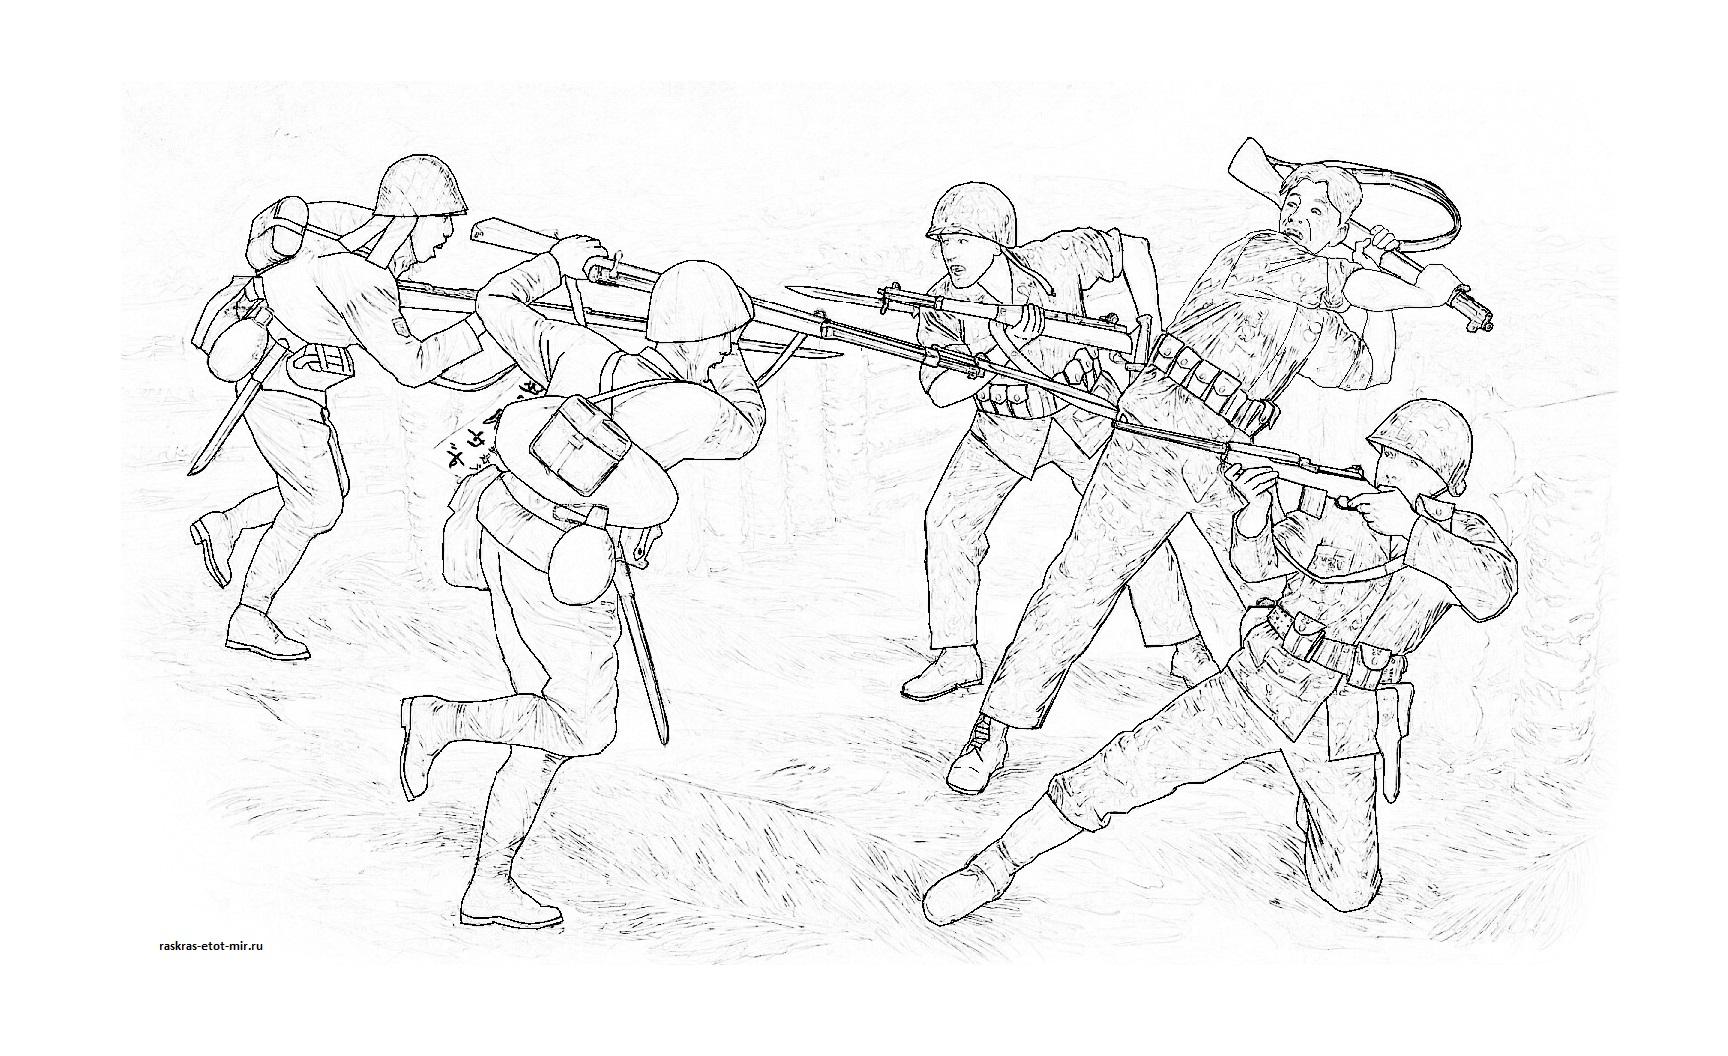 военные раскраски для детей раскрась этот мир